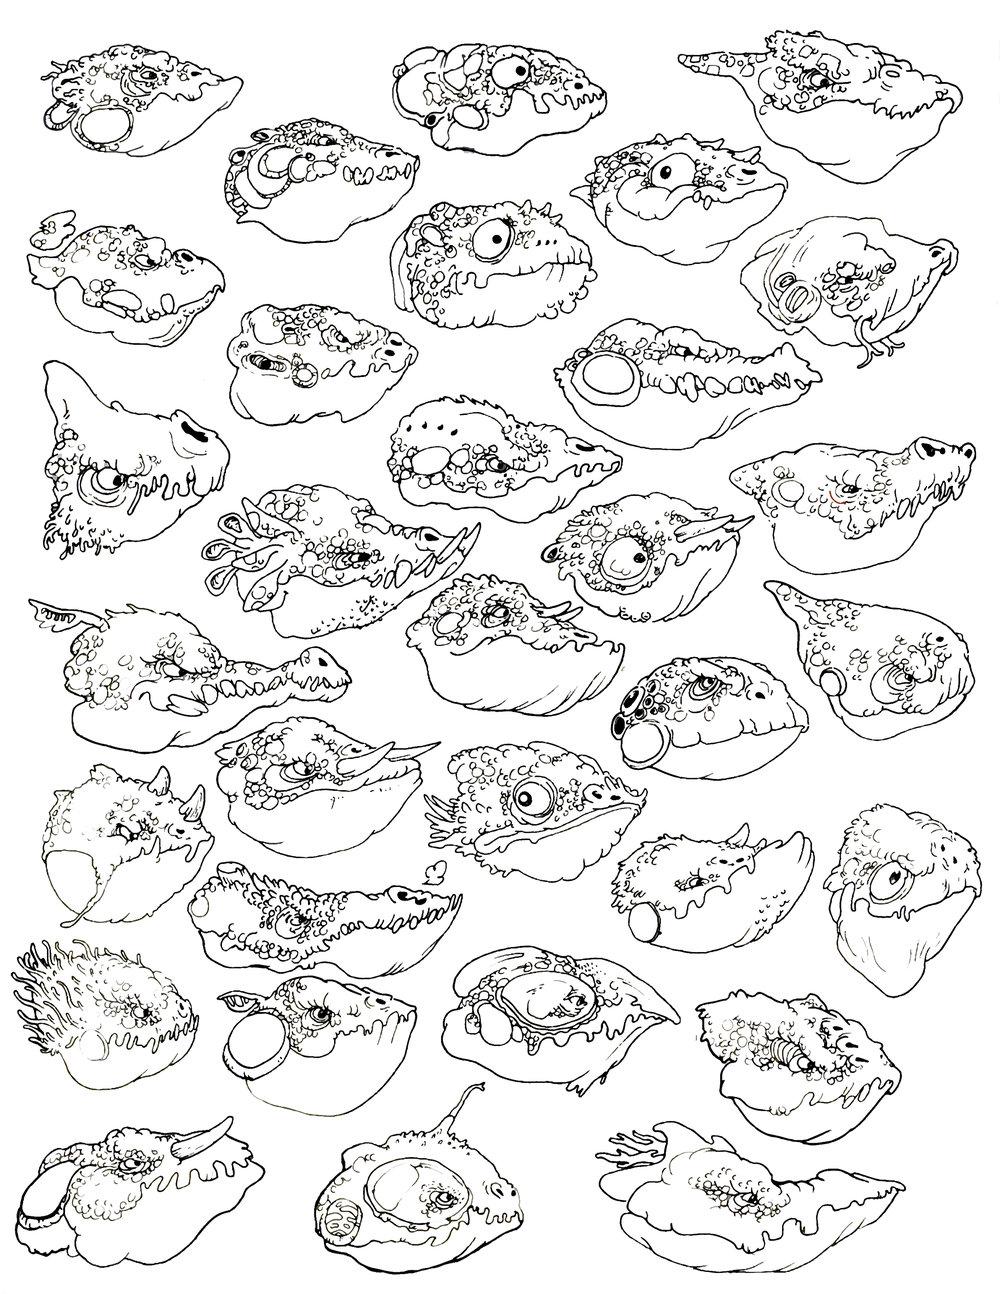 Reptile3.jpg